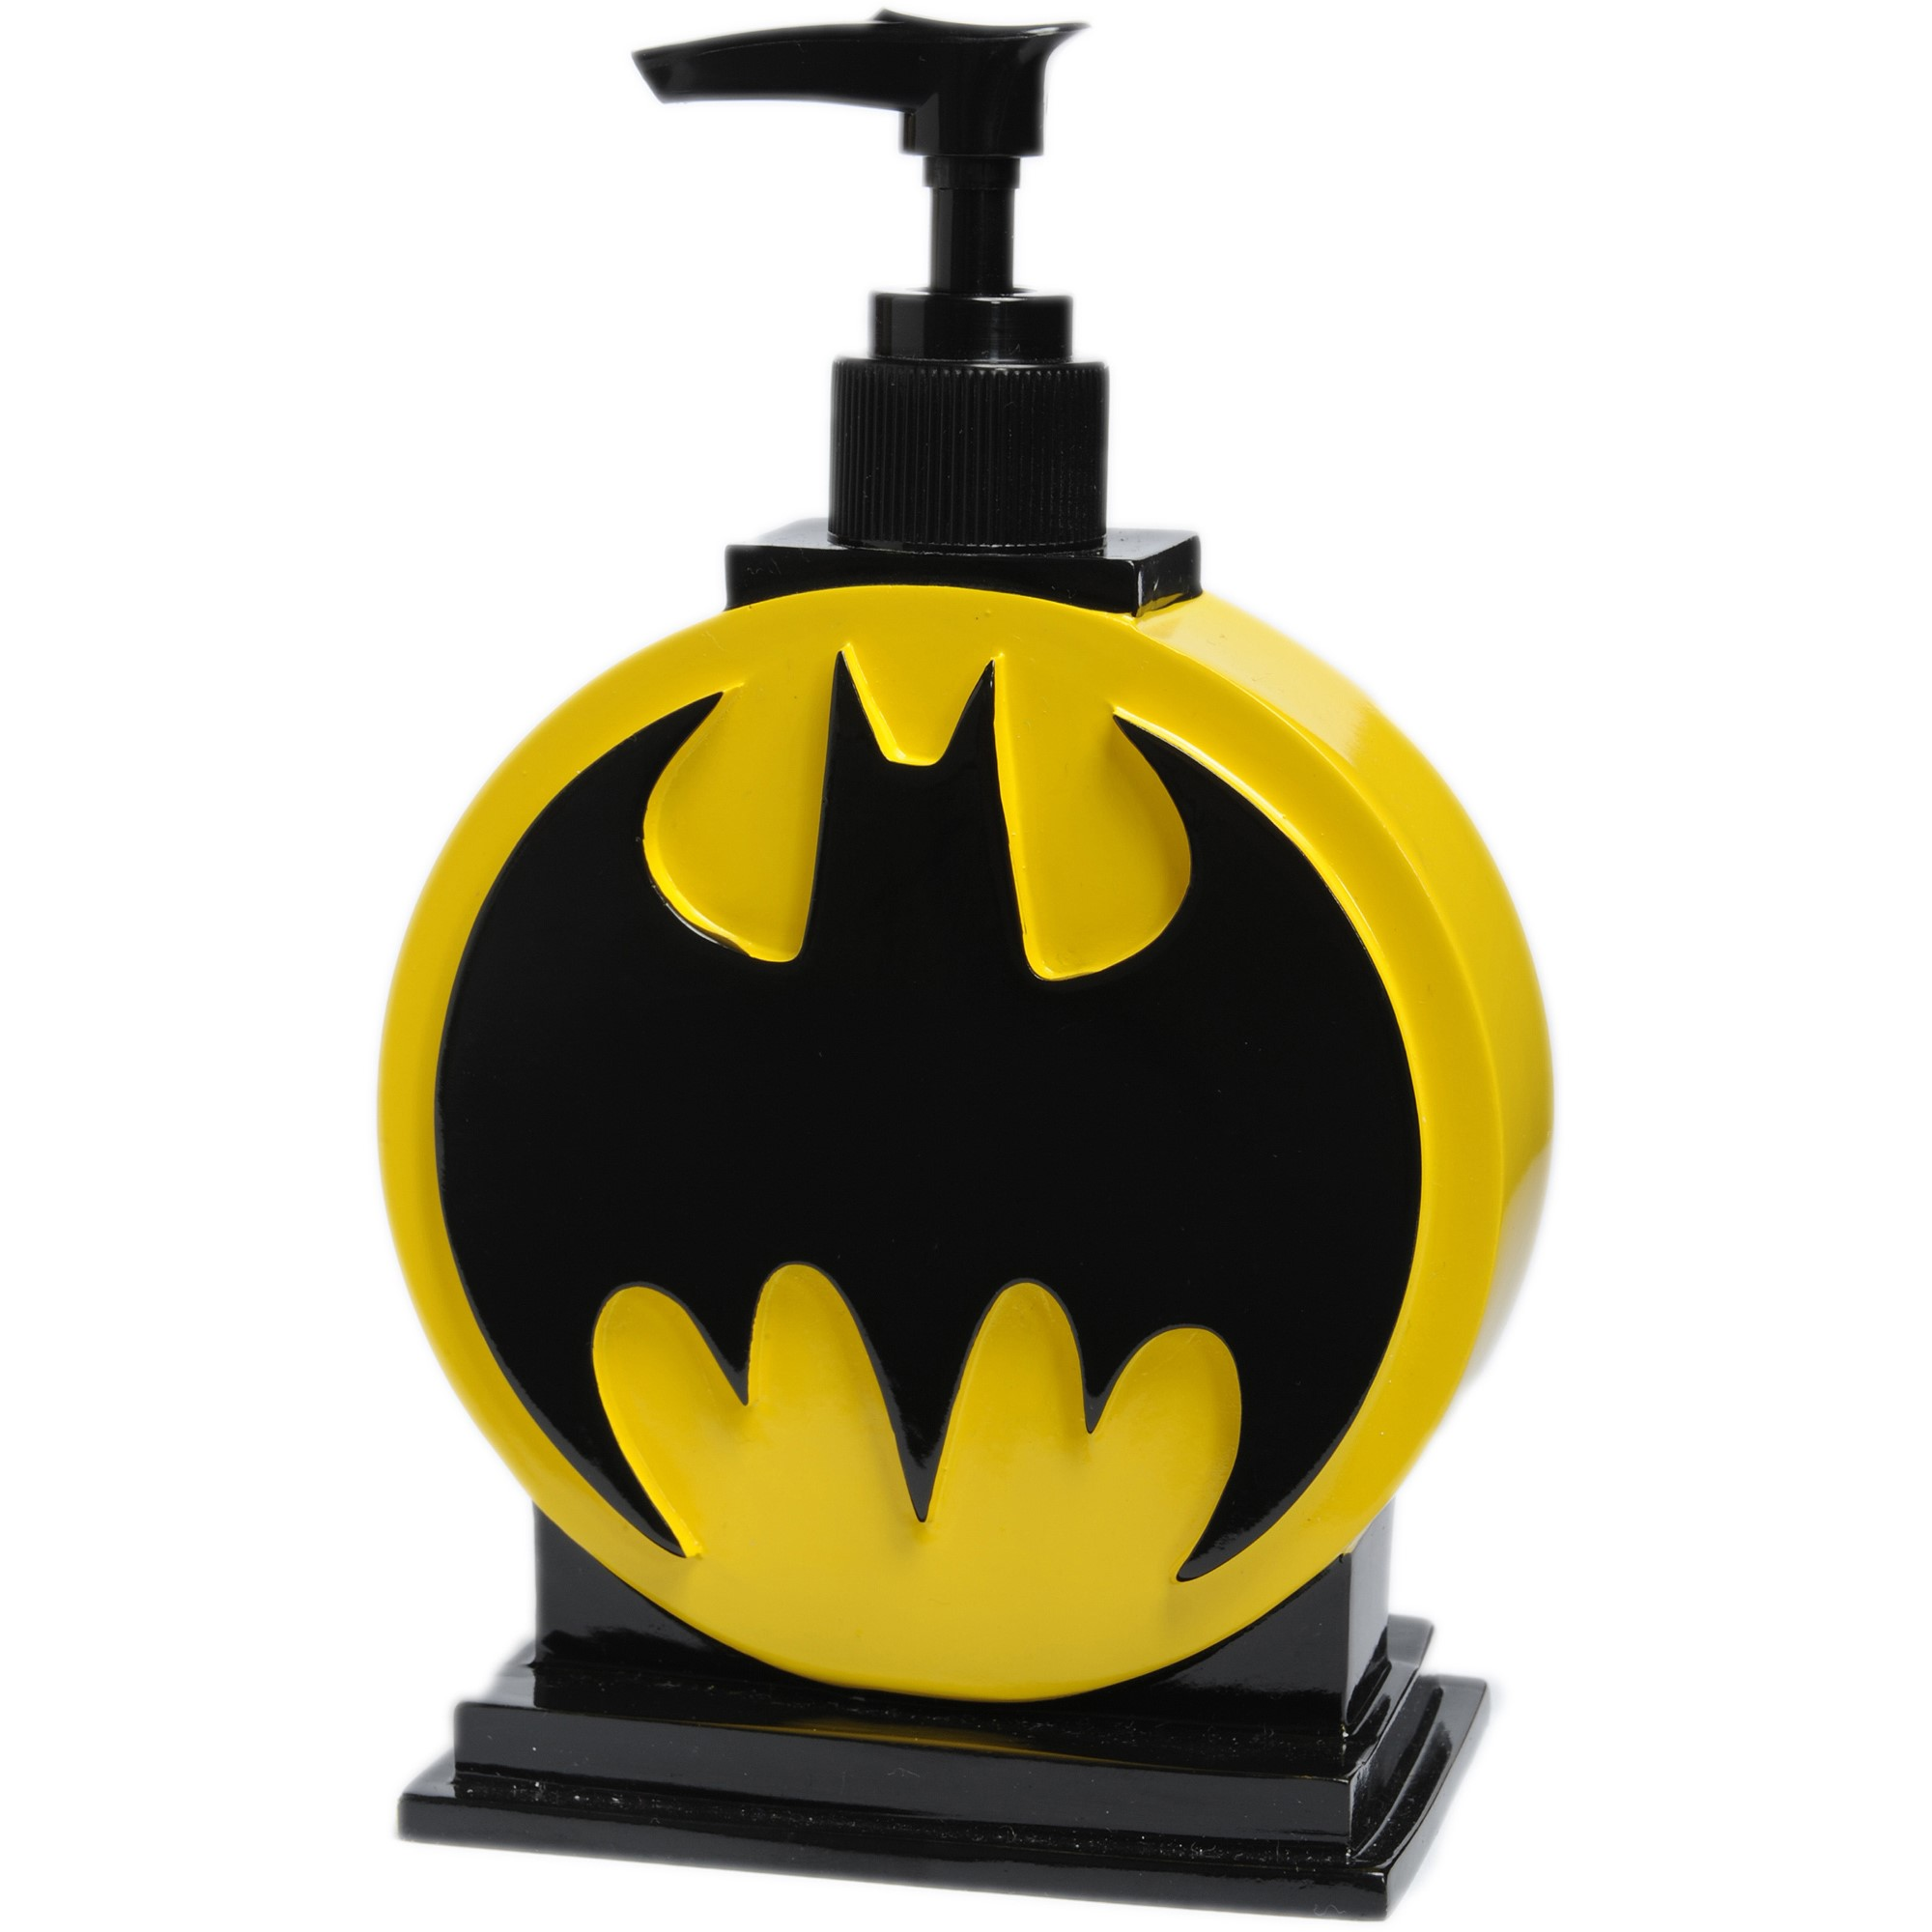 Dc Comics Batman Lotion Pump, 1 Each